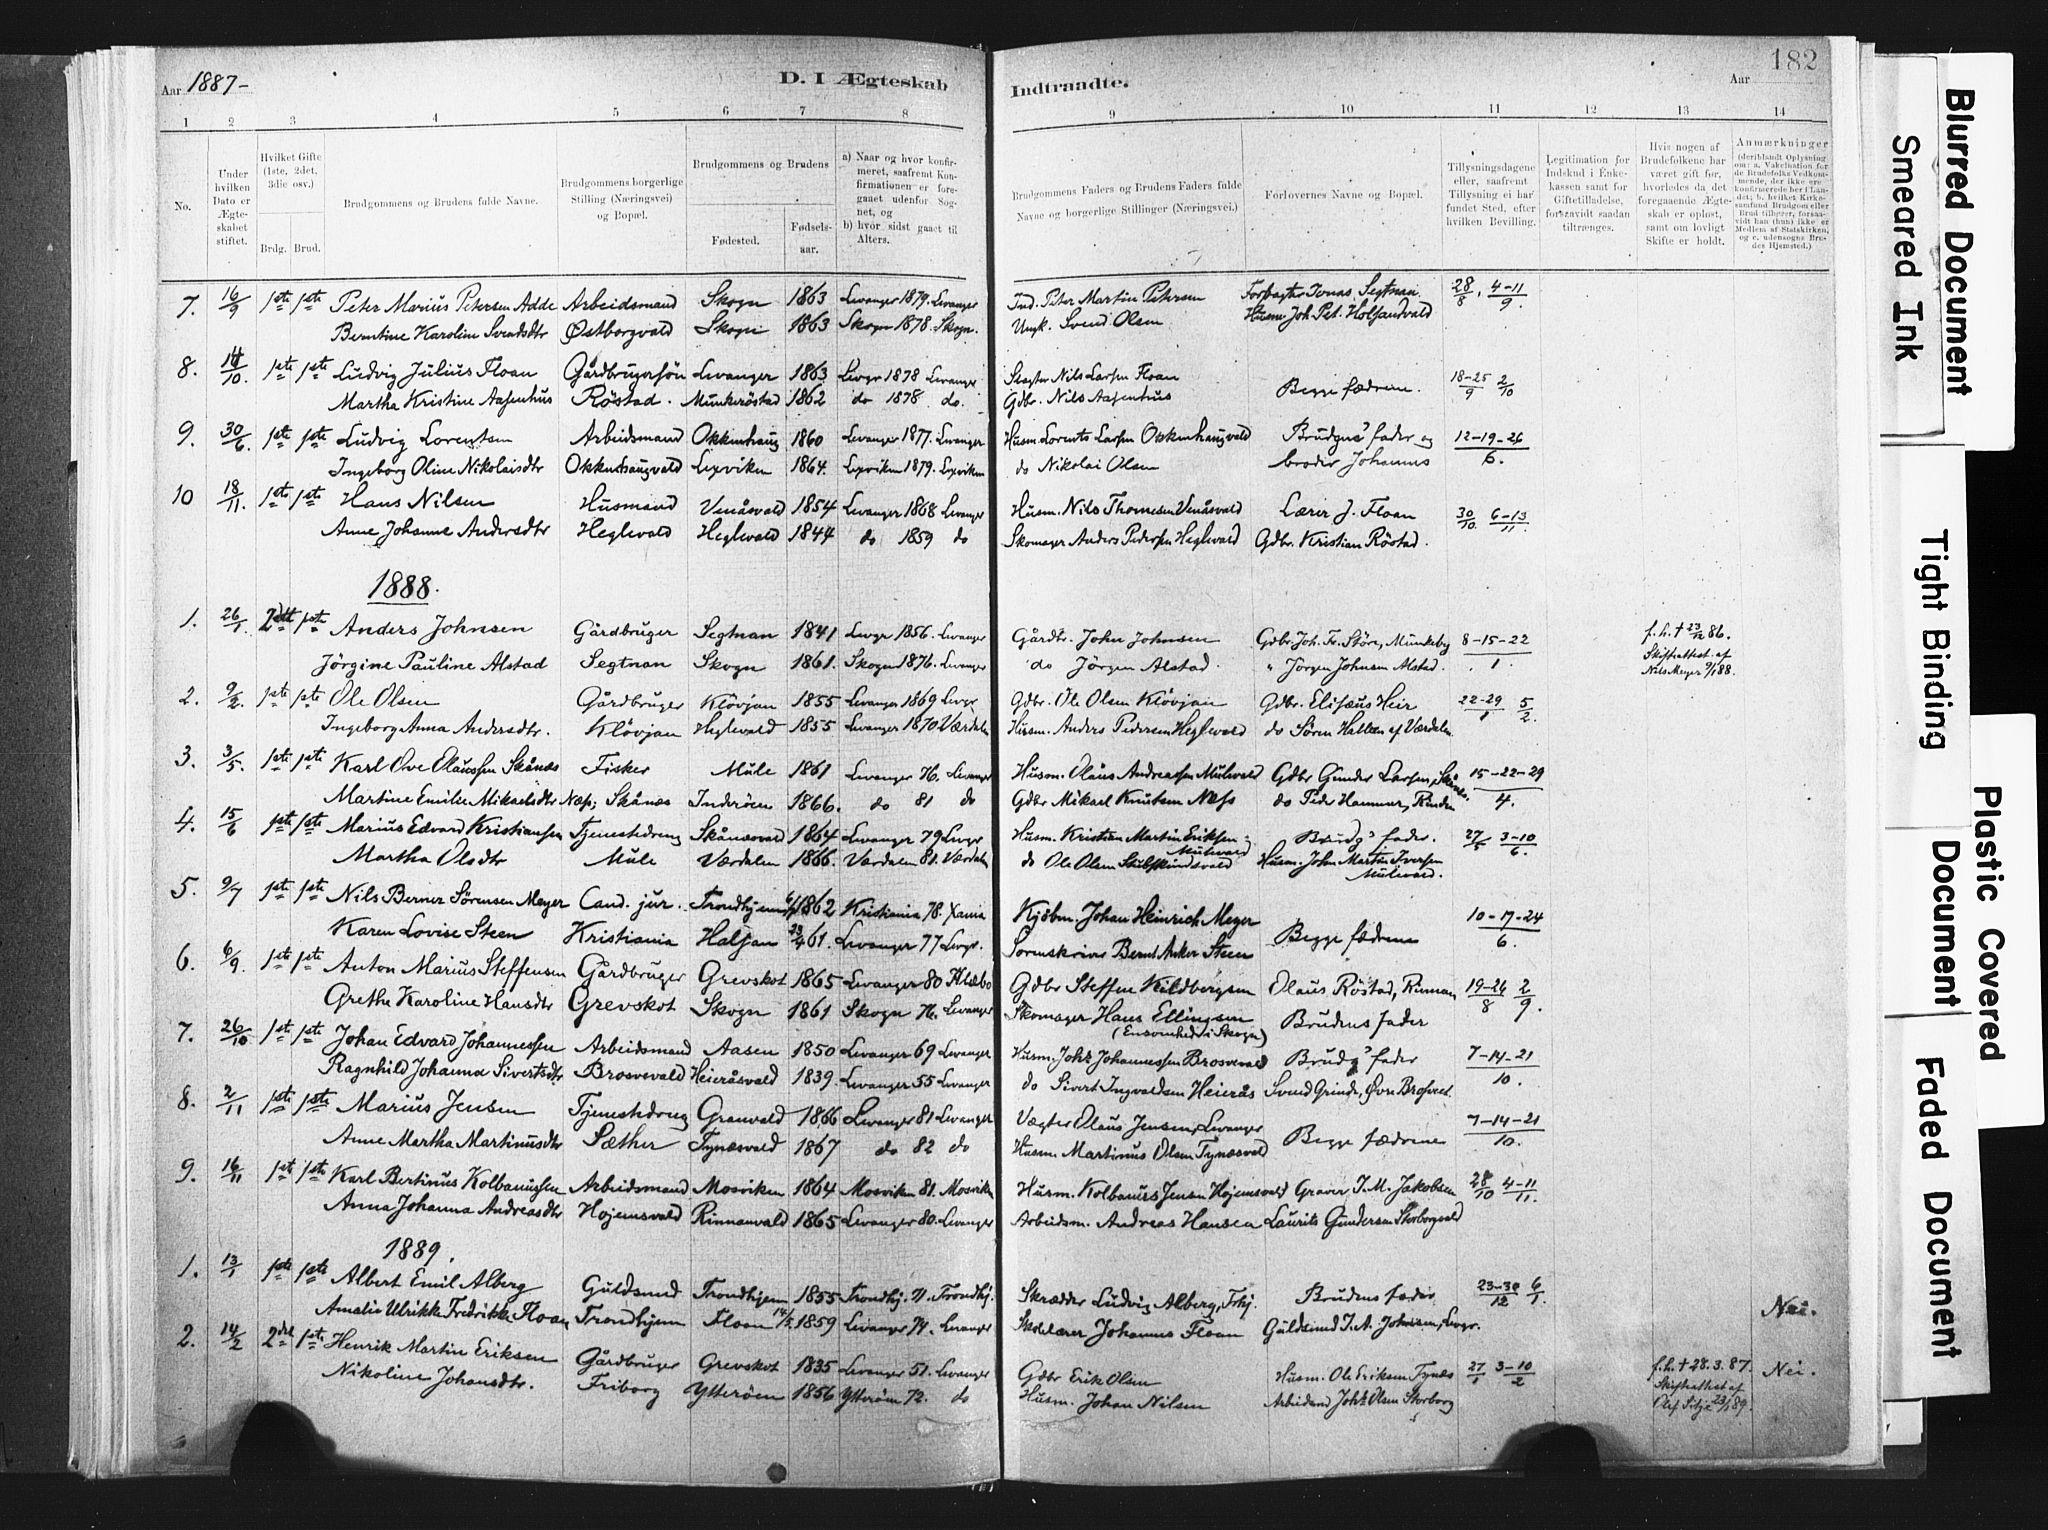 SAT, Ministerialprotokoller, klokkerbøker og fødselsregistre - Nord-Trøndelag, 721/L0207: Ministerialbok nr. 721A02, 1880-1911, s. 182